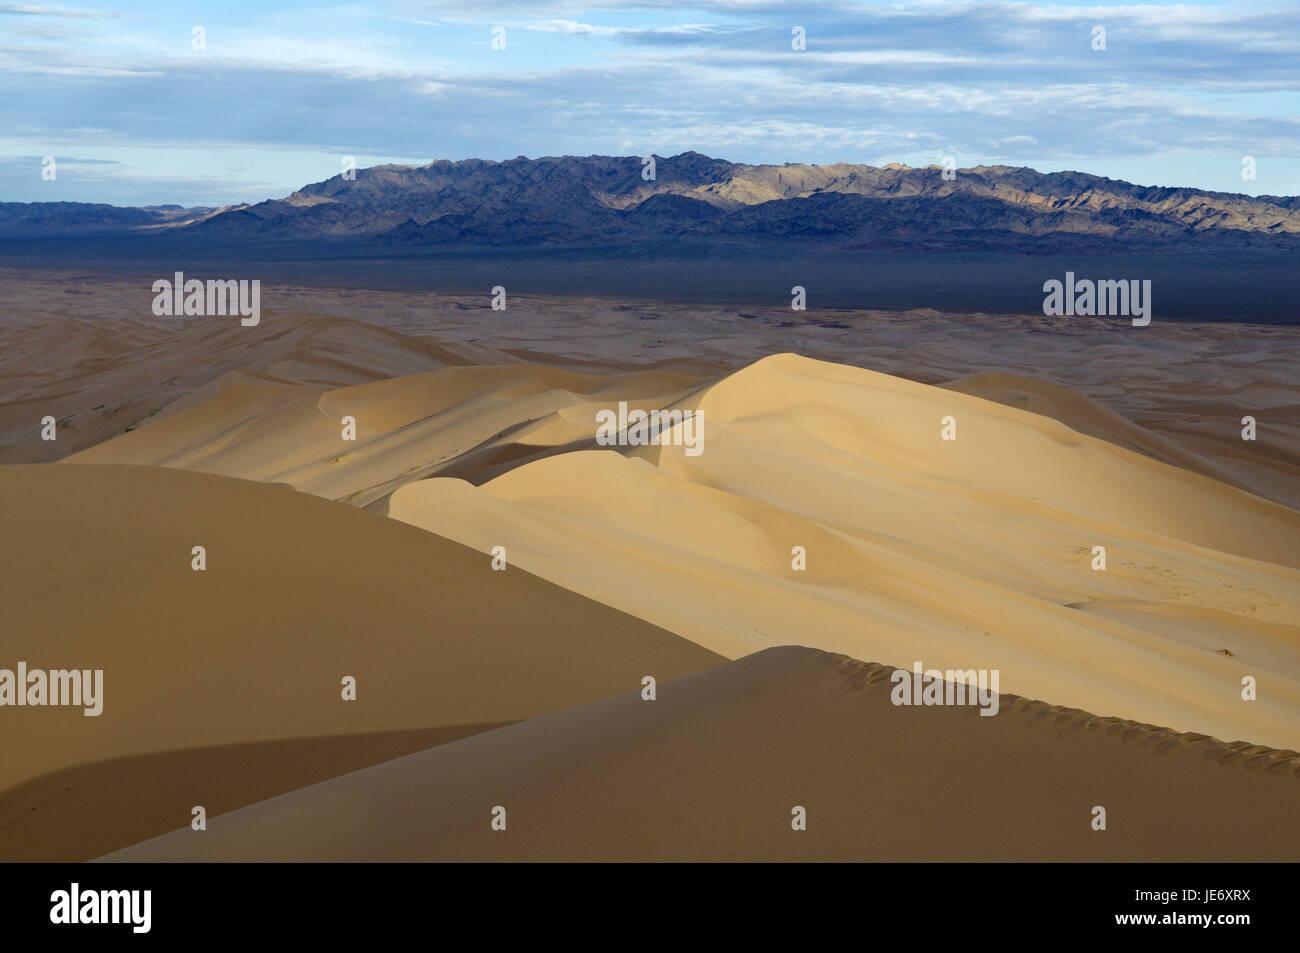 Mongolia, Central Asia, Gobi Gurvansaikhan national park, southern Gobi province, desert, dunes of Khongoryn of - Stock Image